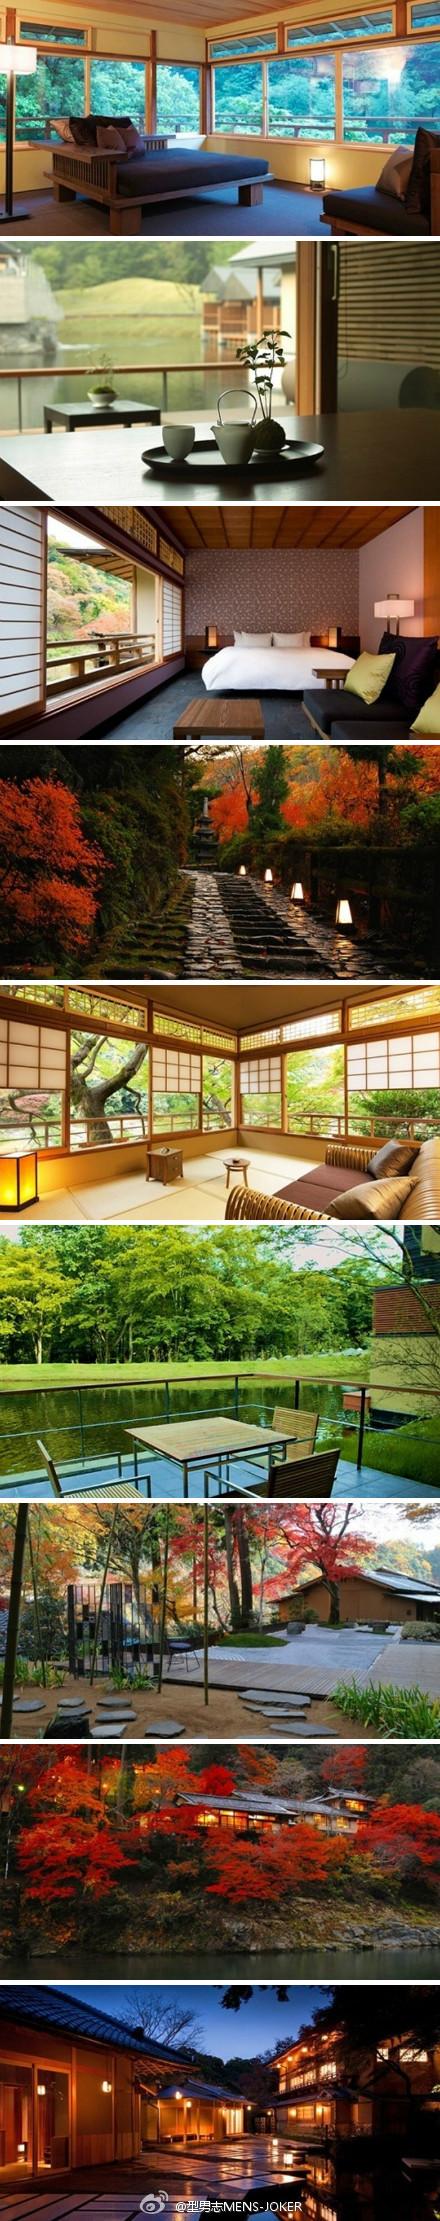 日本旅馆星之屋,坐落于京都岚山,由已具百年历史的旅馆改造而成。在改造的过程中,保留了最为原始的一部分,并且就外国人的居住习惯进行了改良。以木质框架构造的房间似乎可以与自然共呼吸,而户外的日式风景和庭院也充满禅意。感受京都古老的风景韵味